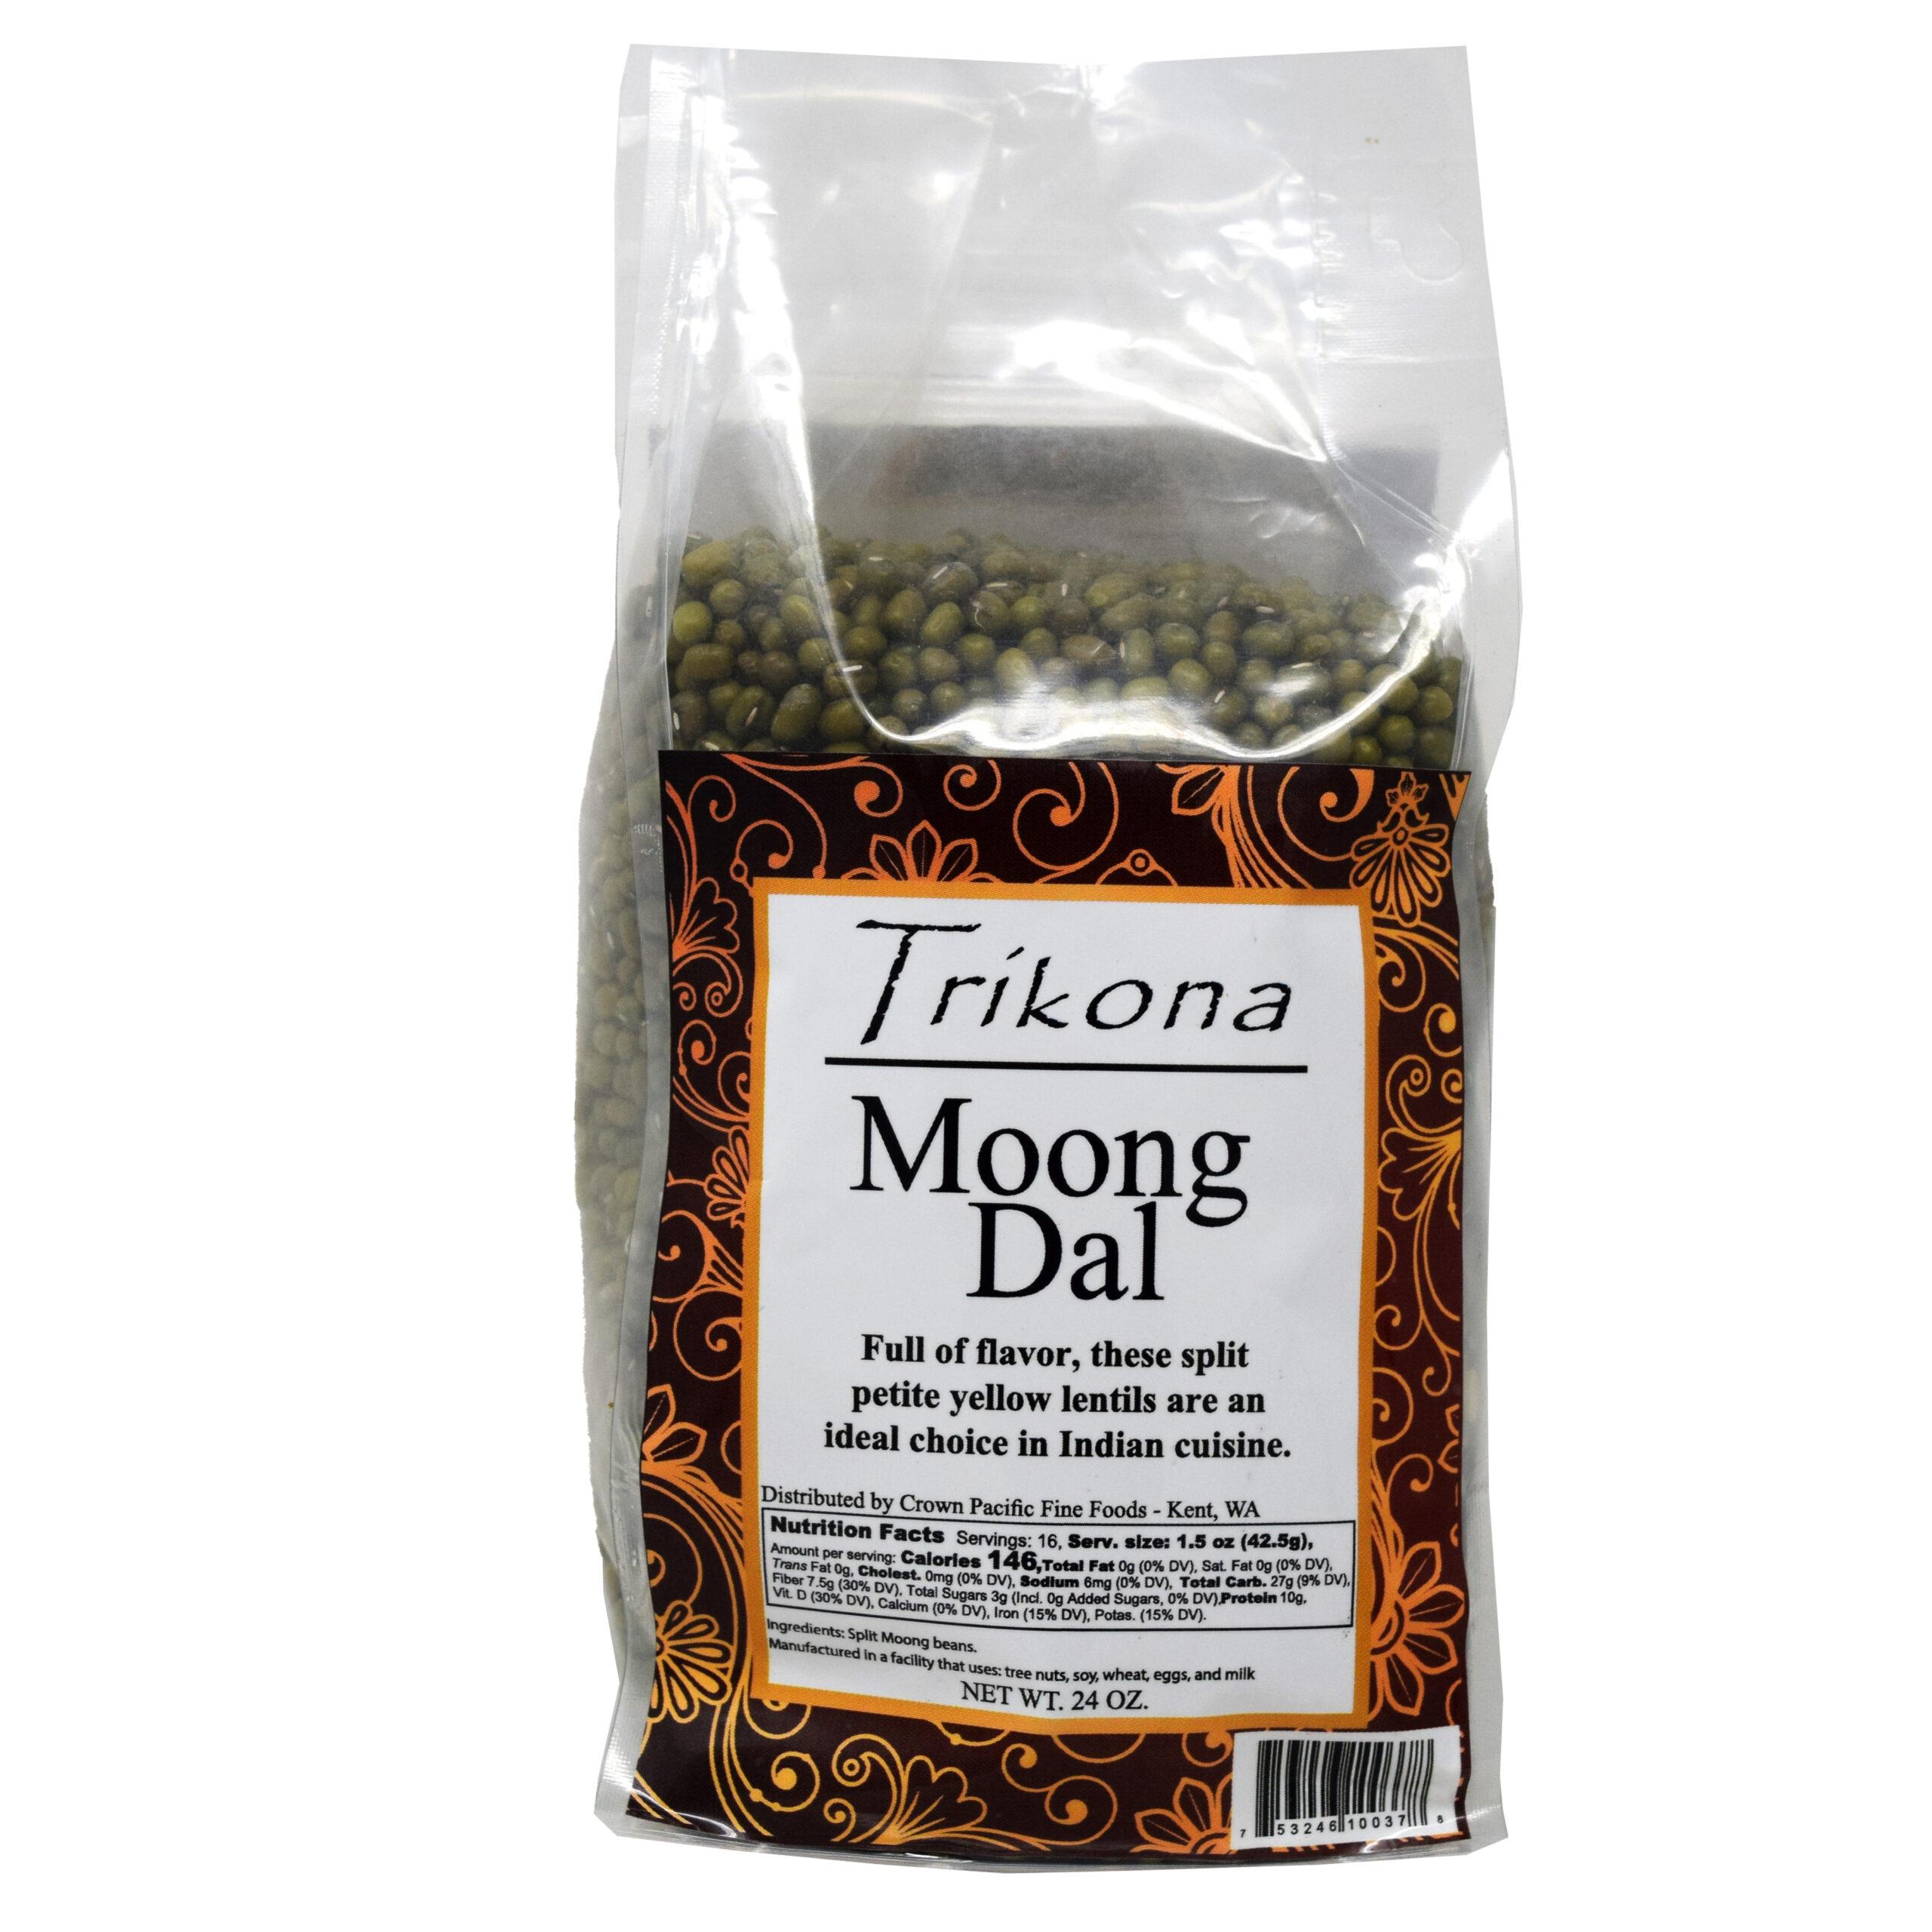 Trikona Moong Dal